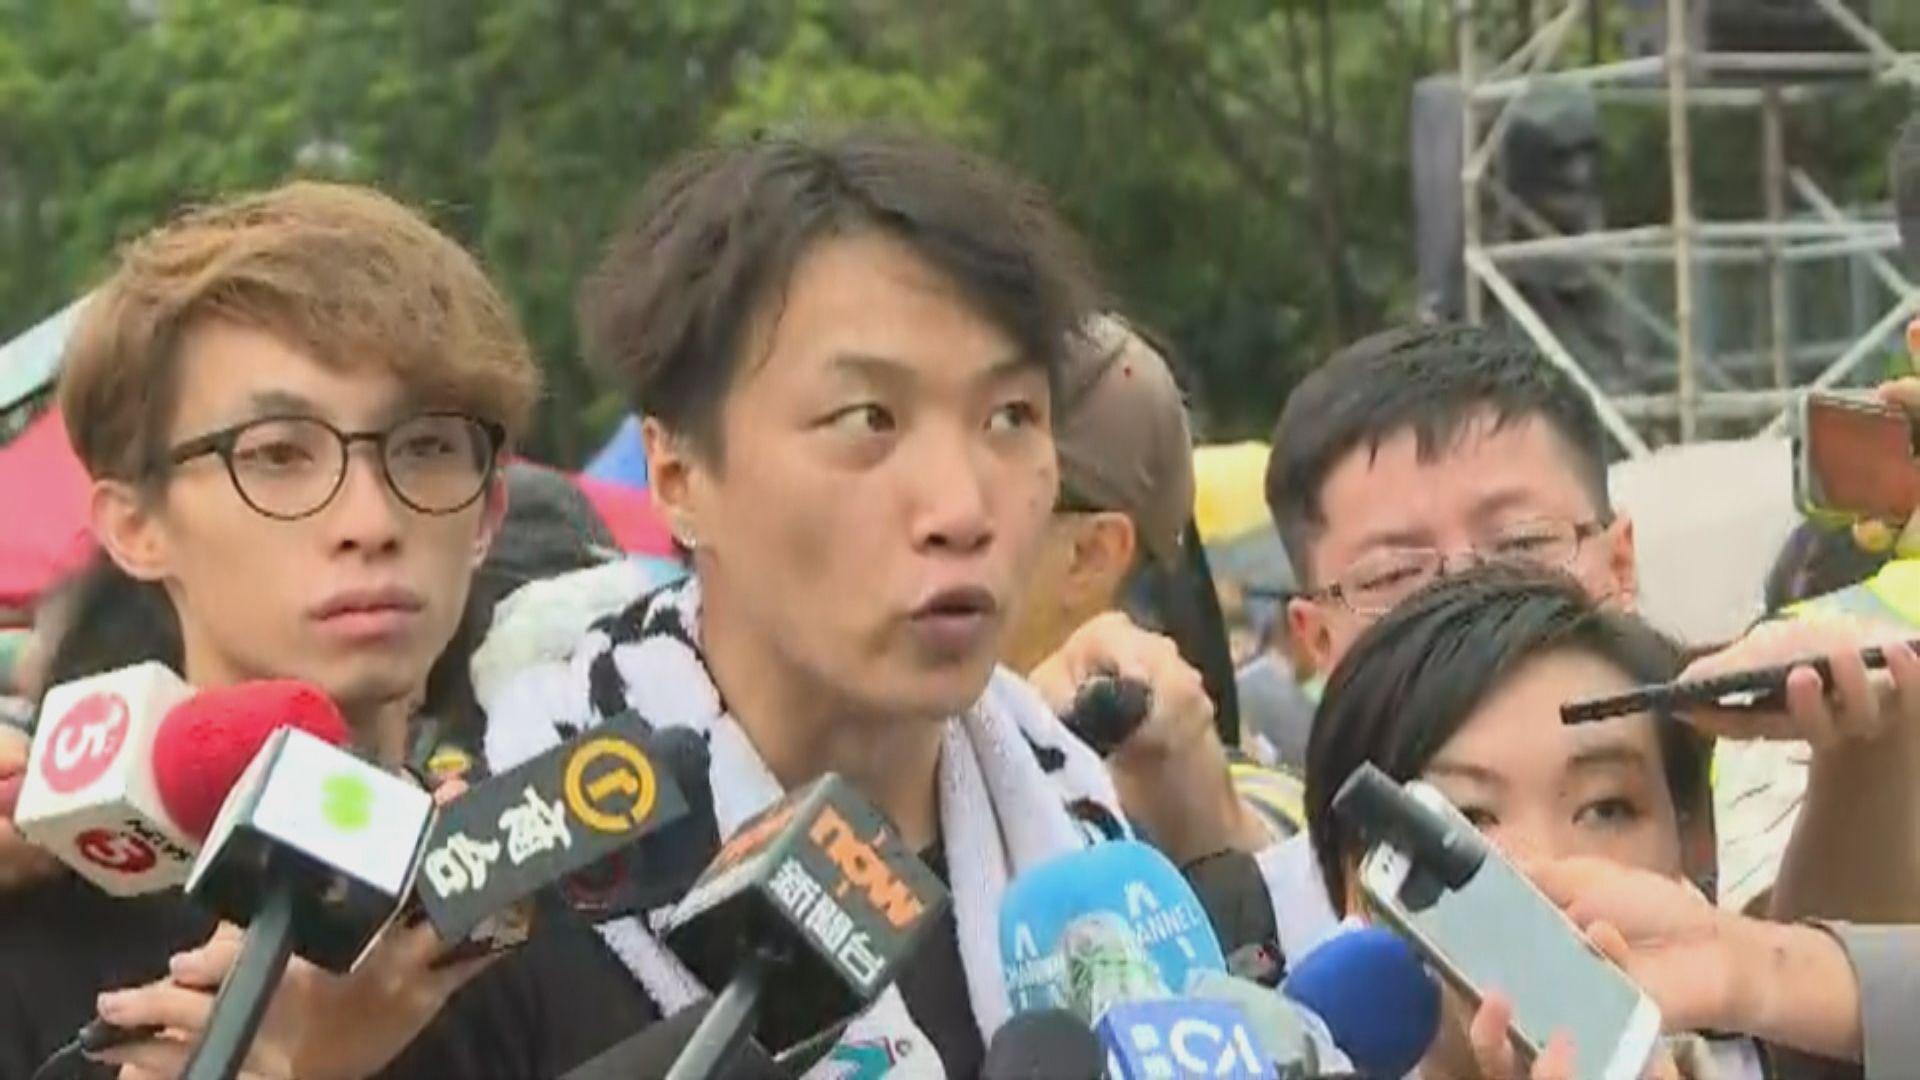 民陣批林鄭將警察變成打壓巿民工具